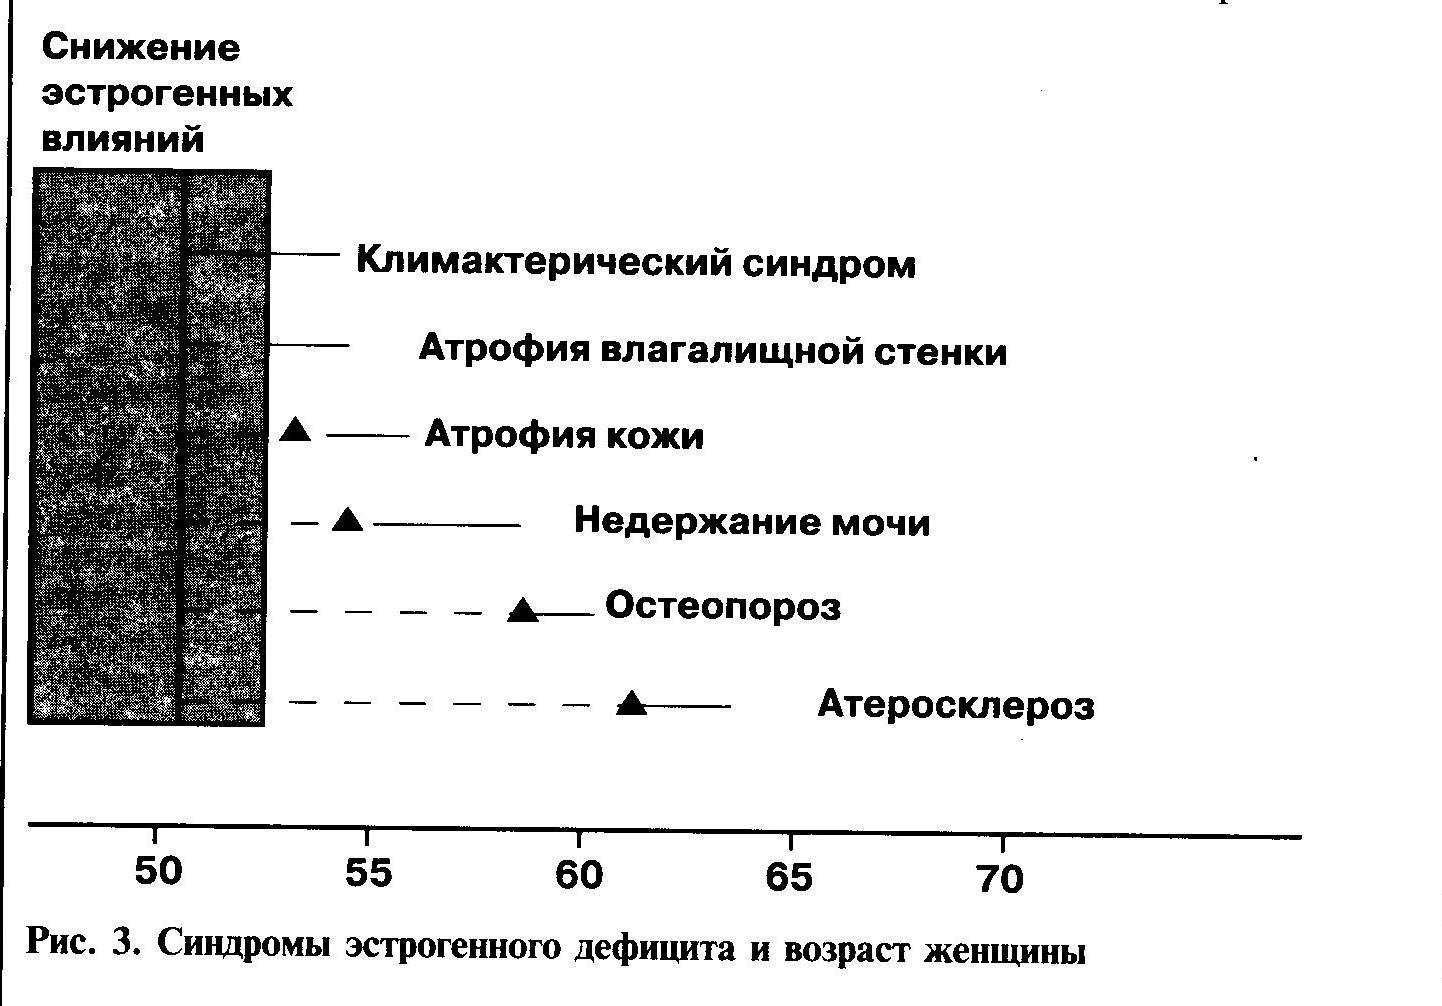 Менопаузальный синдром (менопауза)